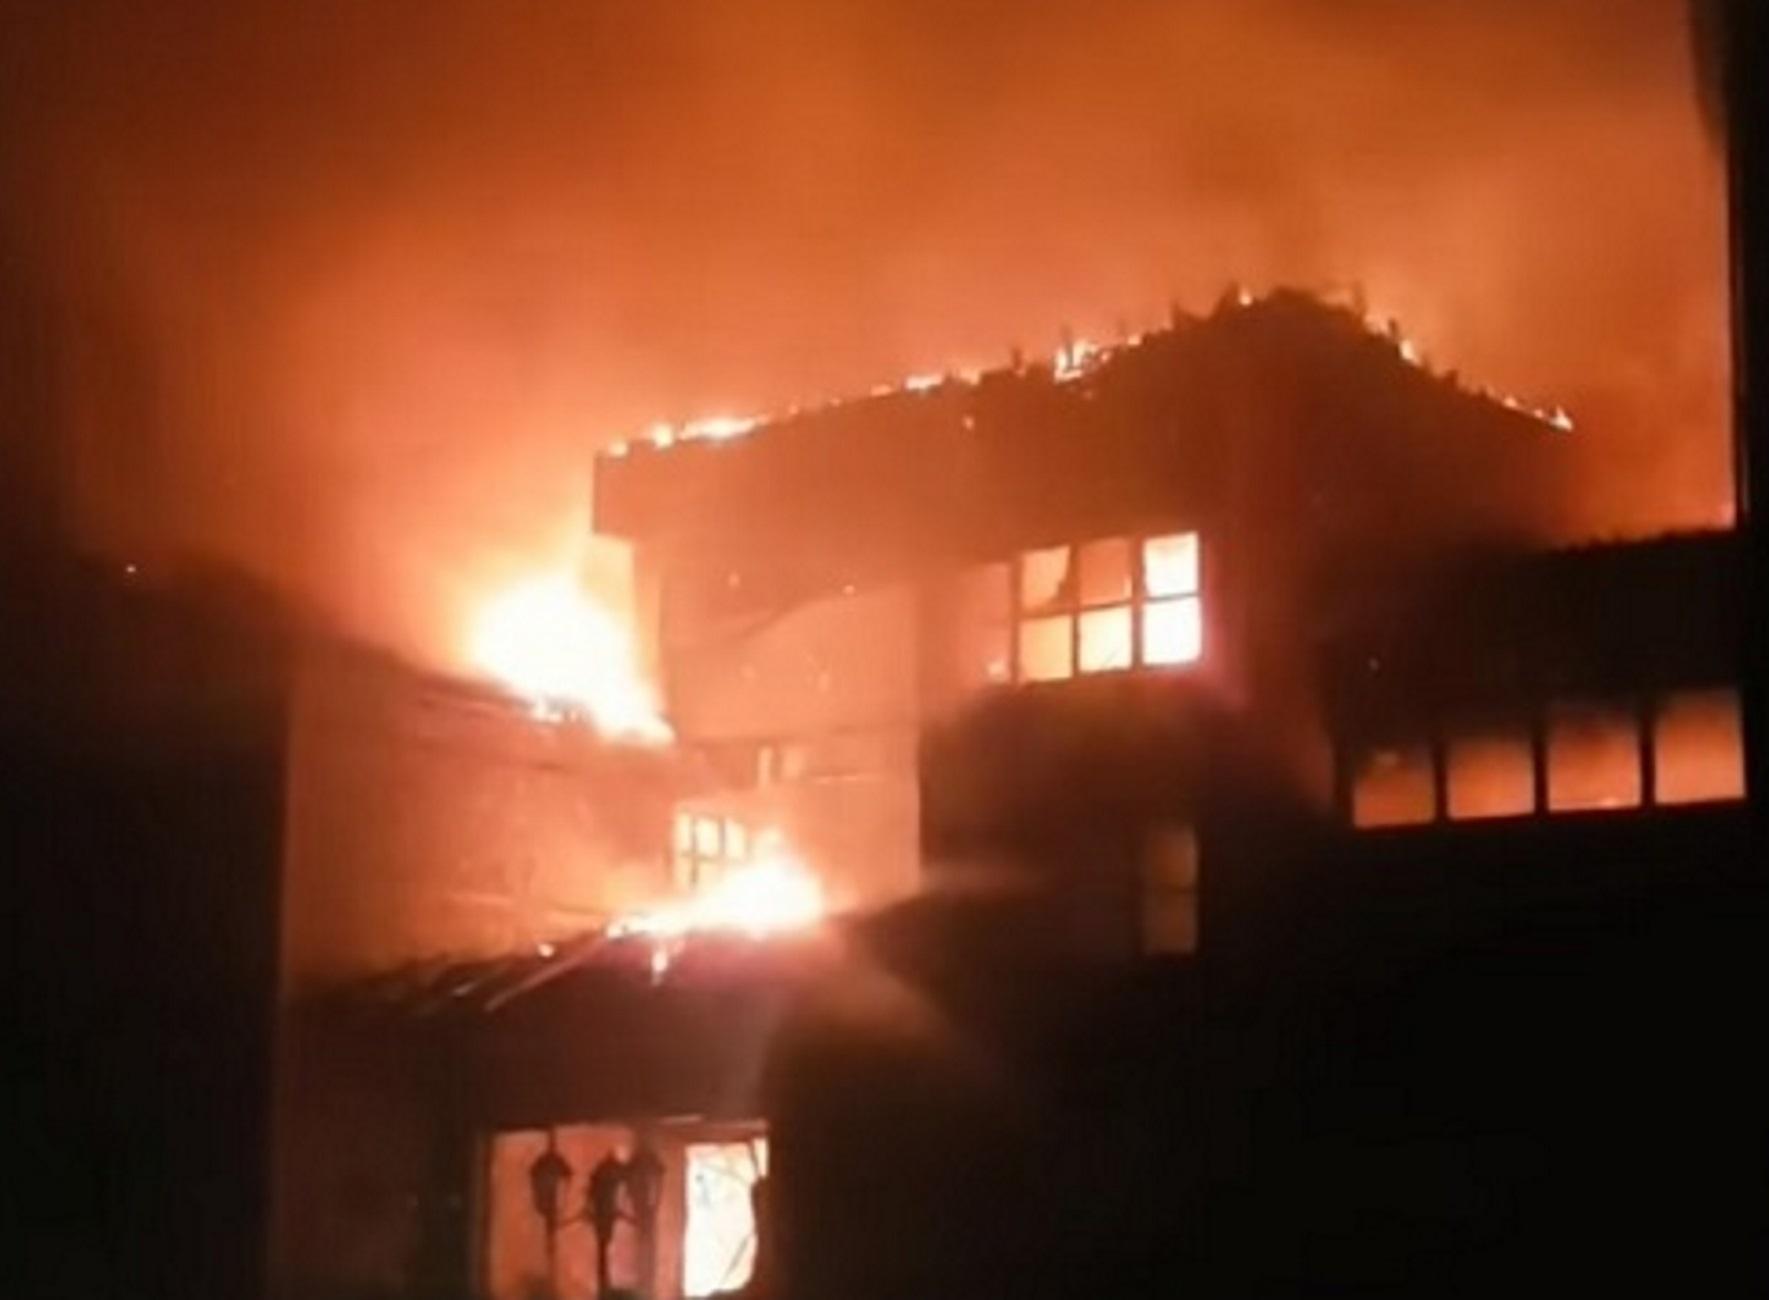 Πέλλα: Φωτιά κατέστρεψε ξενοδοχείο λίγο πριν τα εγκαίνια – Αποπνικτική η ατμόσφαιρα στην Έδεσσα